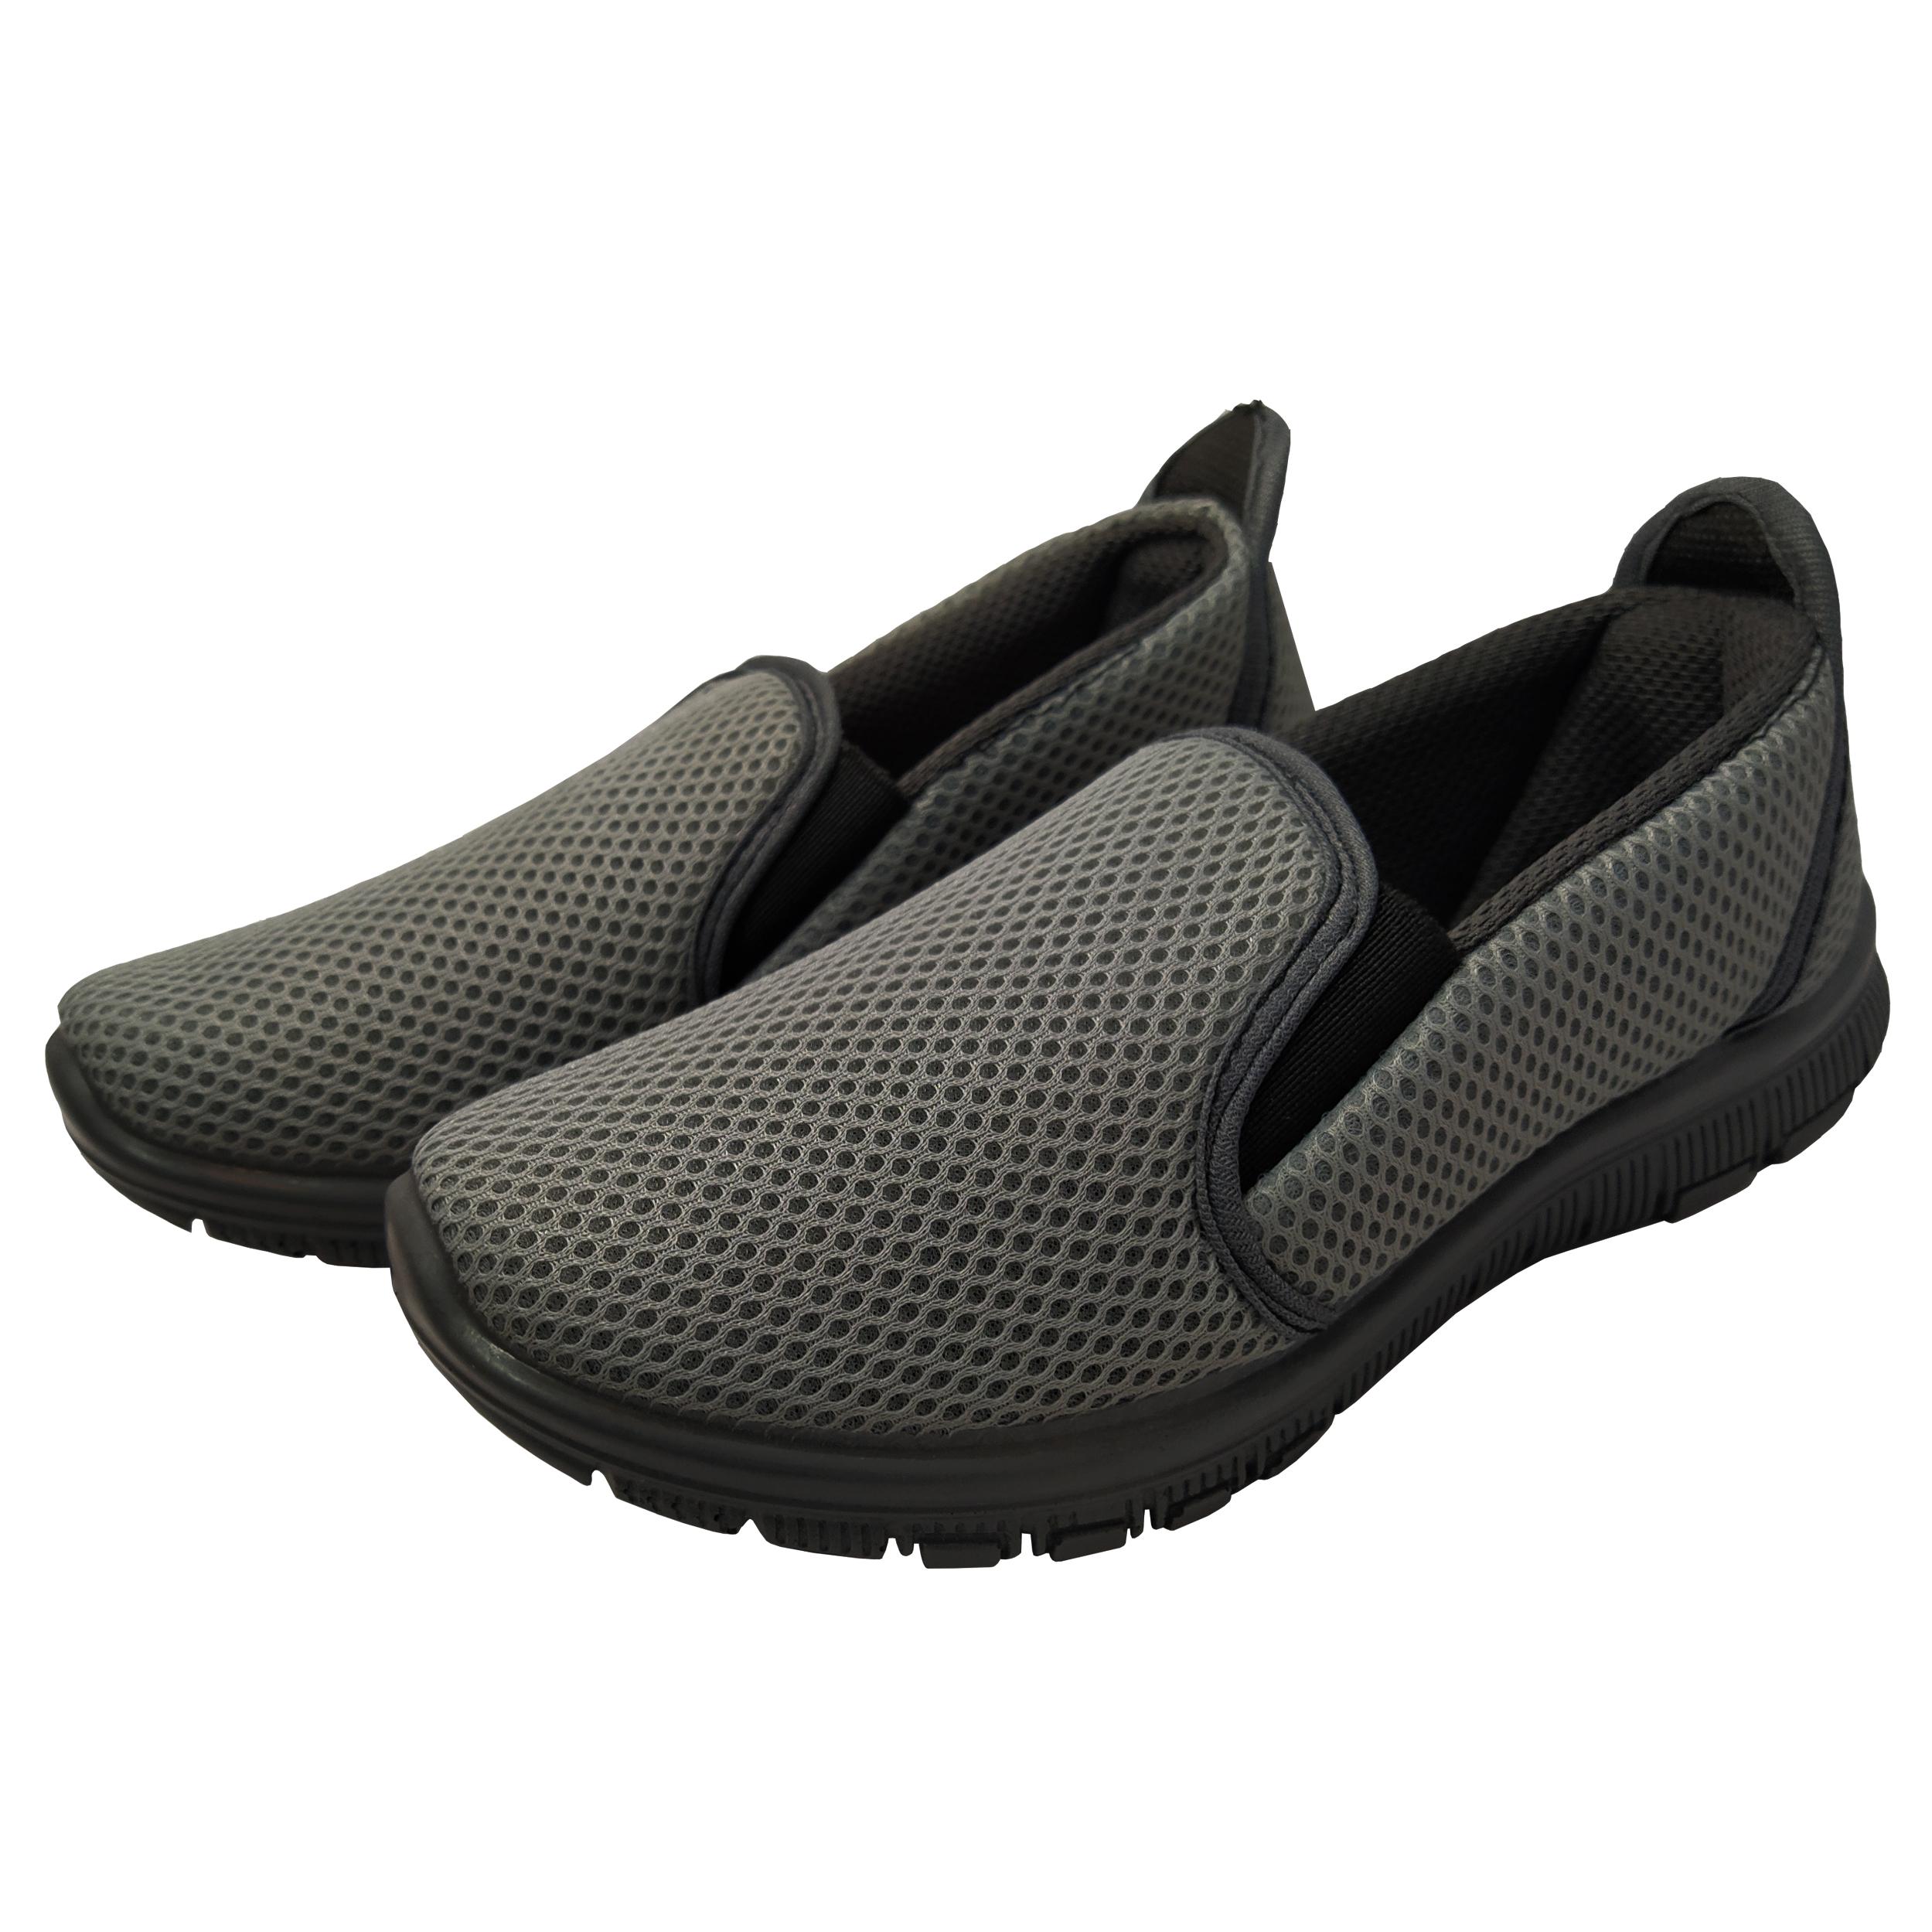 قیمت خرید کفش راحتی مدل پرواز کد EX390 رنگ طوسی اورجینال